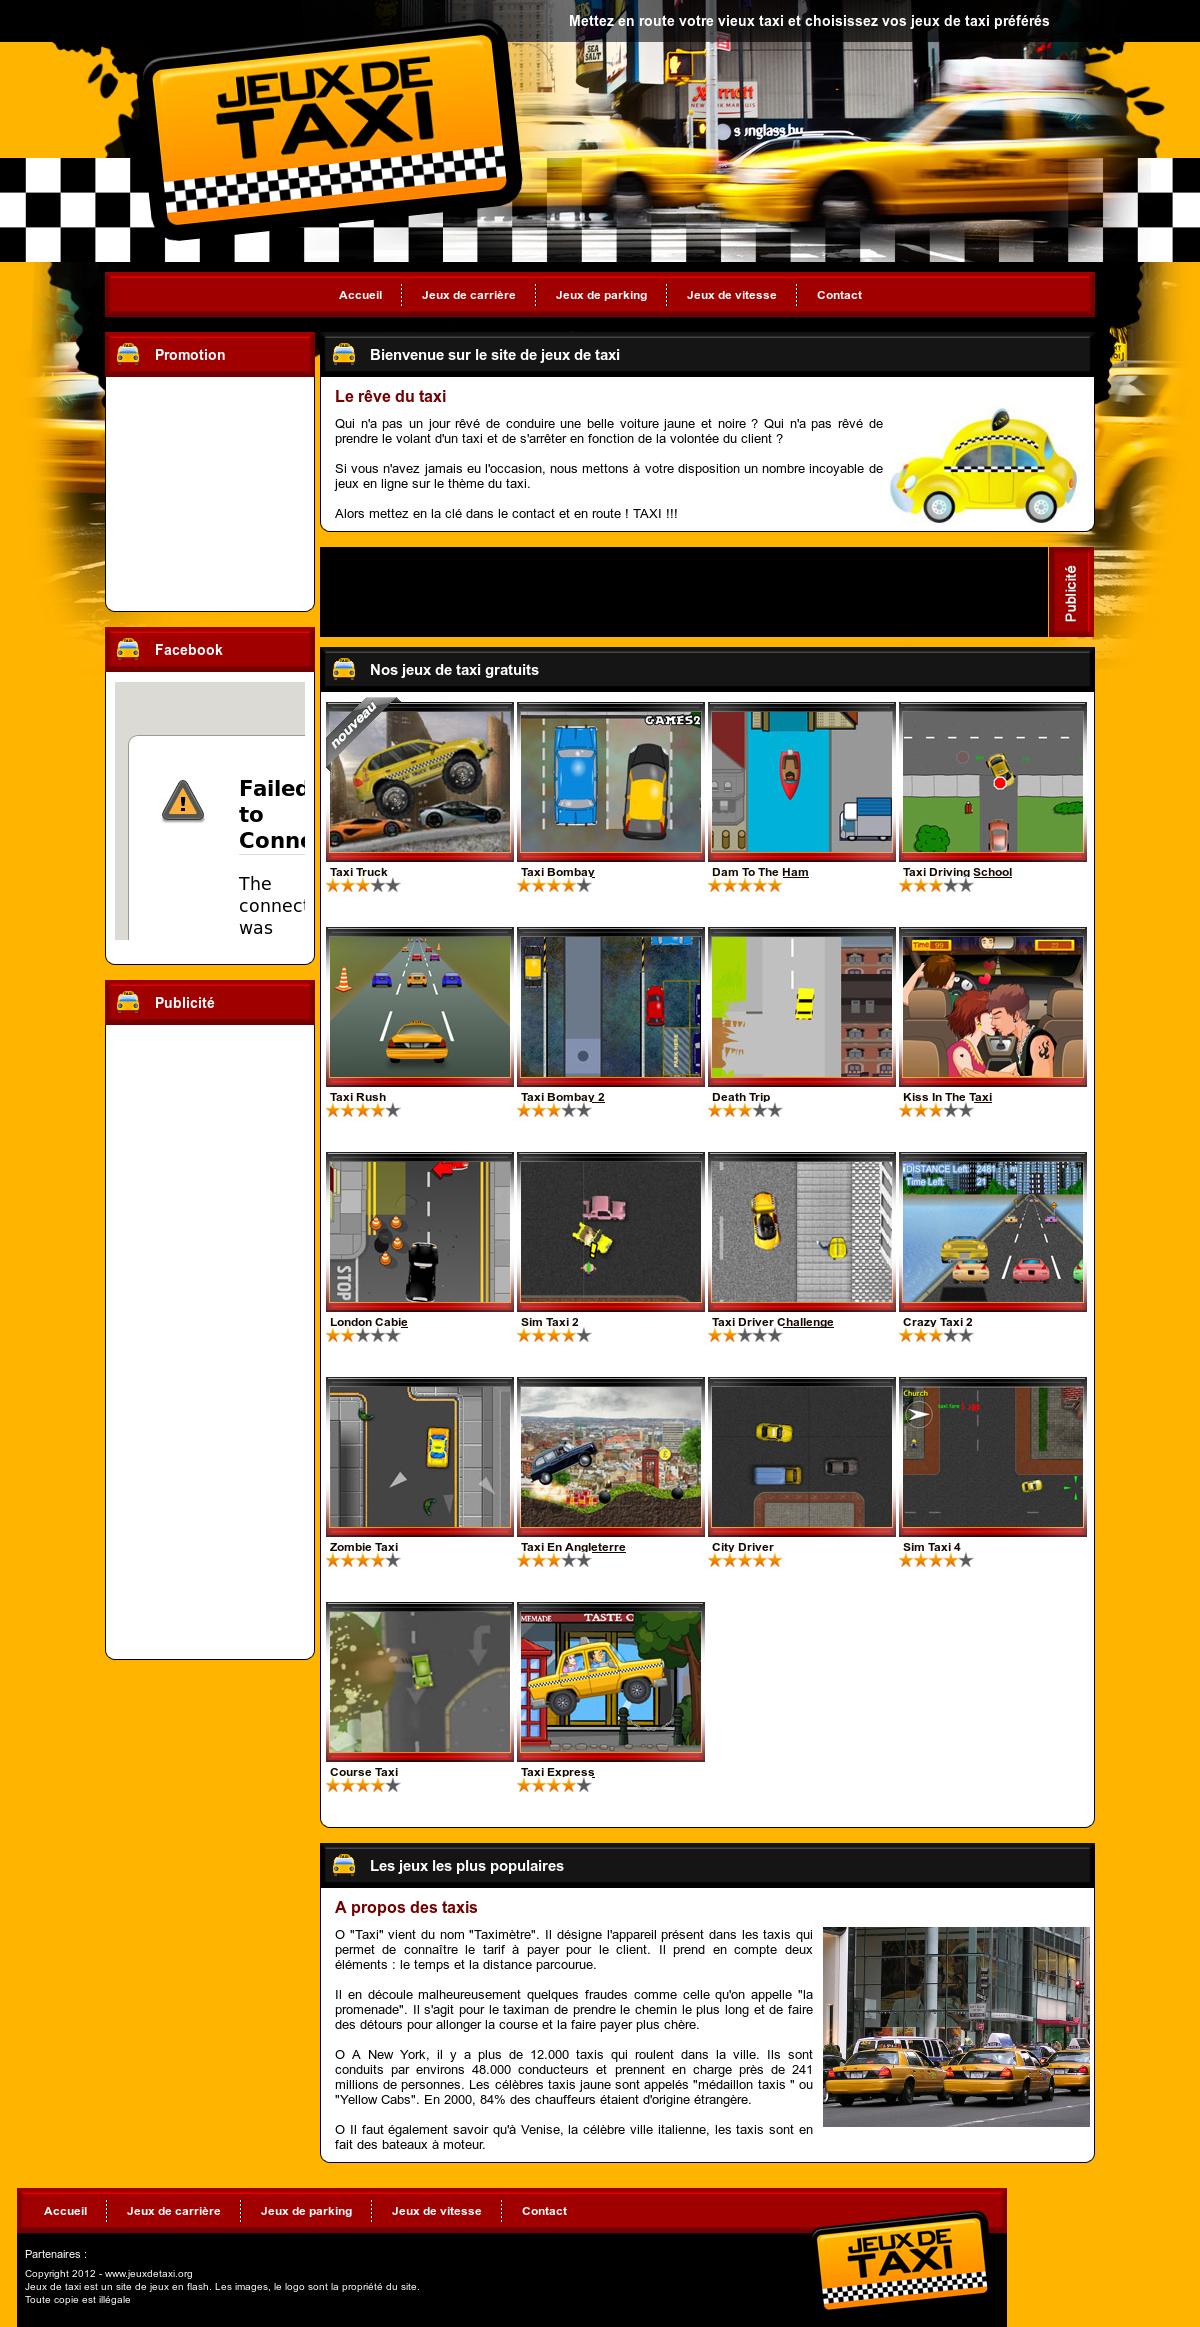 Jeux De Taxi Competitors, Revenue And Employees - Owler pour Jeux De Course Online